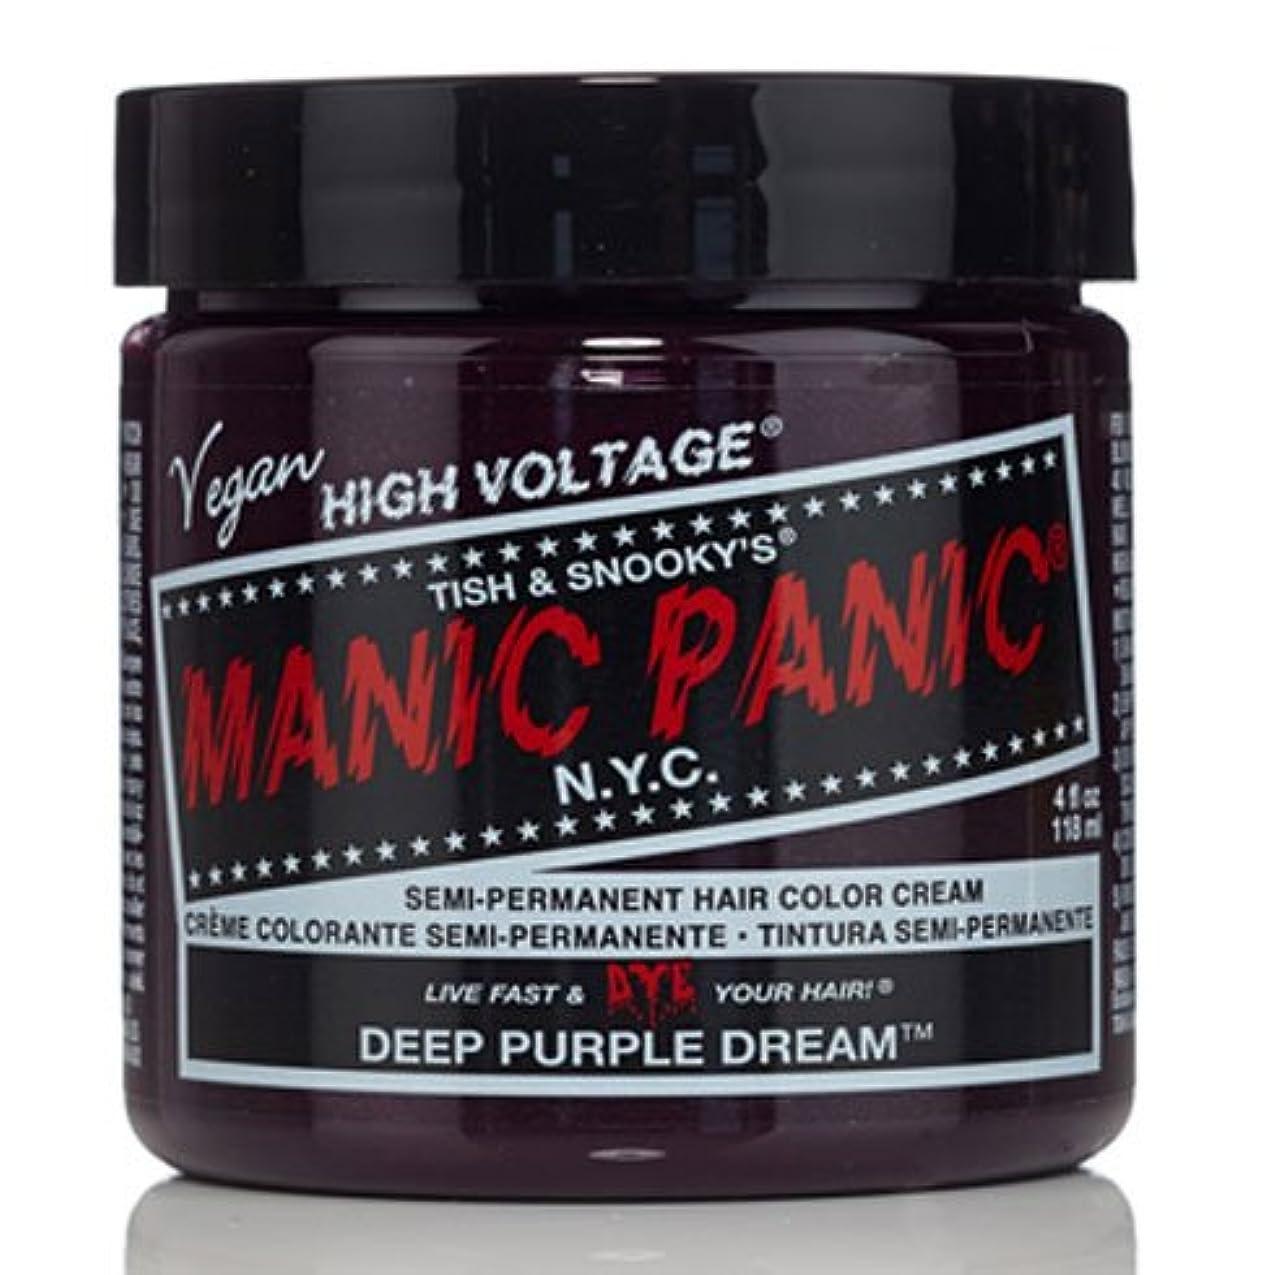 中庭すごい代名詞スペシャルセットMANIC PANICマニックパニック:DEEP PURPLE DREAM (ディープパープルドリーム)+ヘアカラーケア4点セット